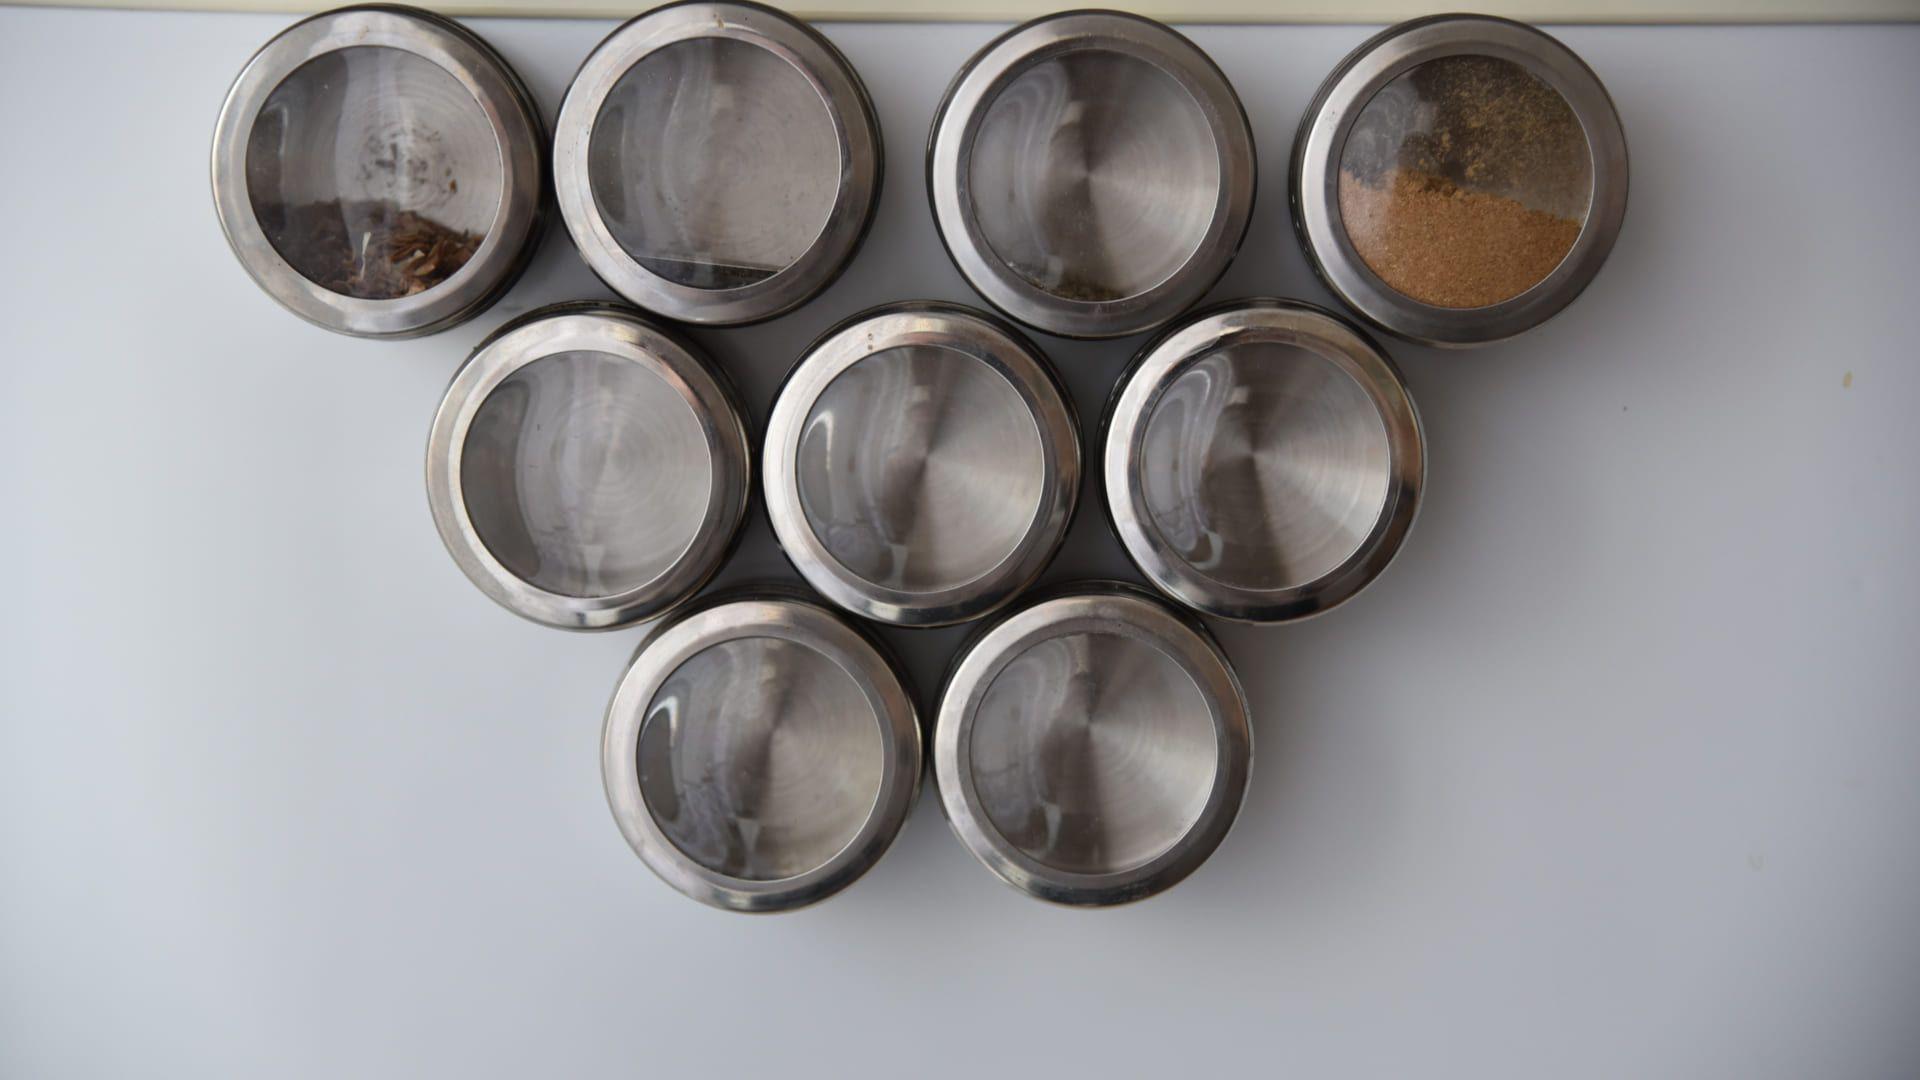 Os porta temperos de imã mantém os condimentos por perto e evitam a bagunça na bancada. (Imagem: Reprodução/Shutterstock)